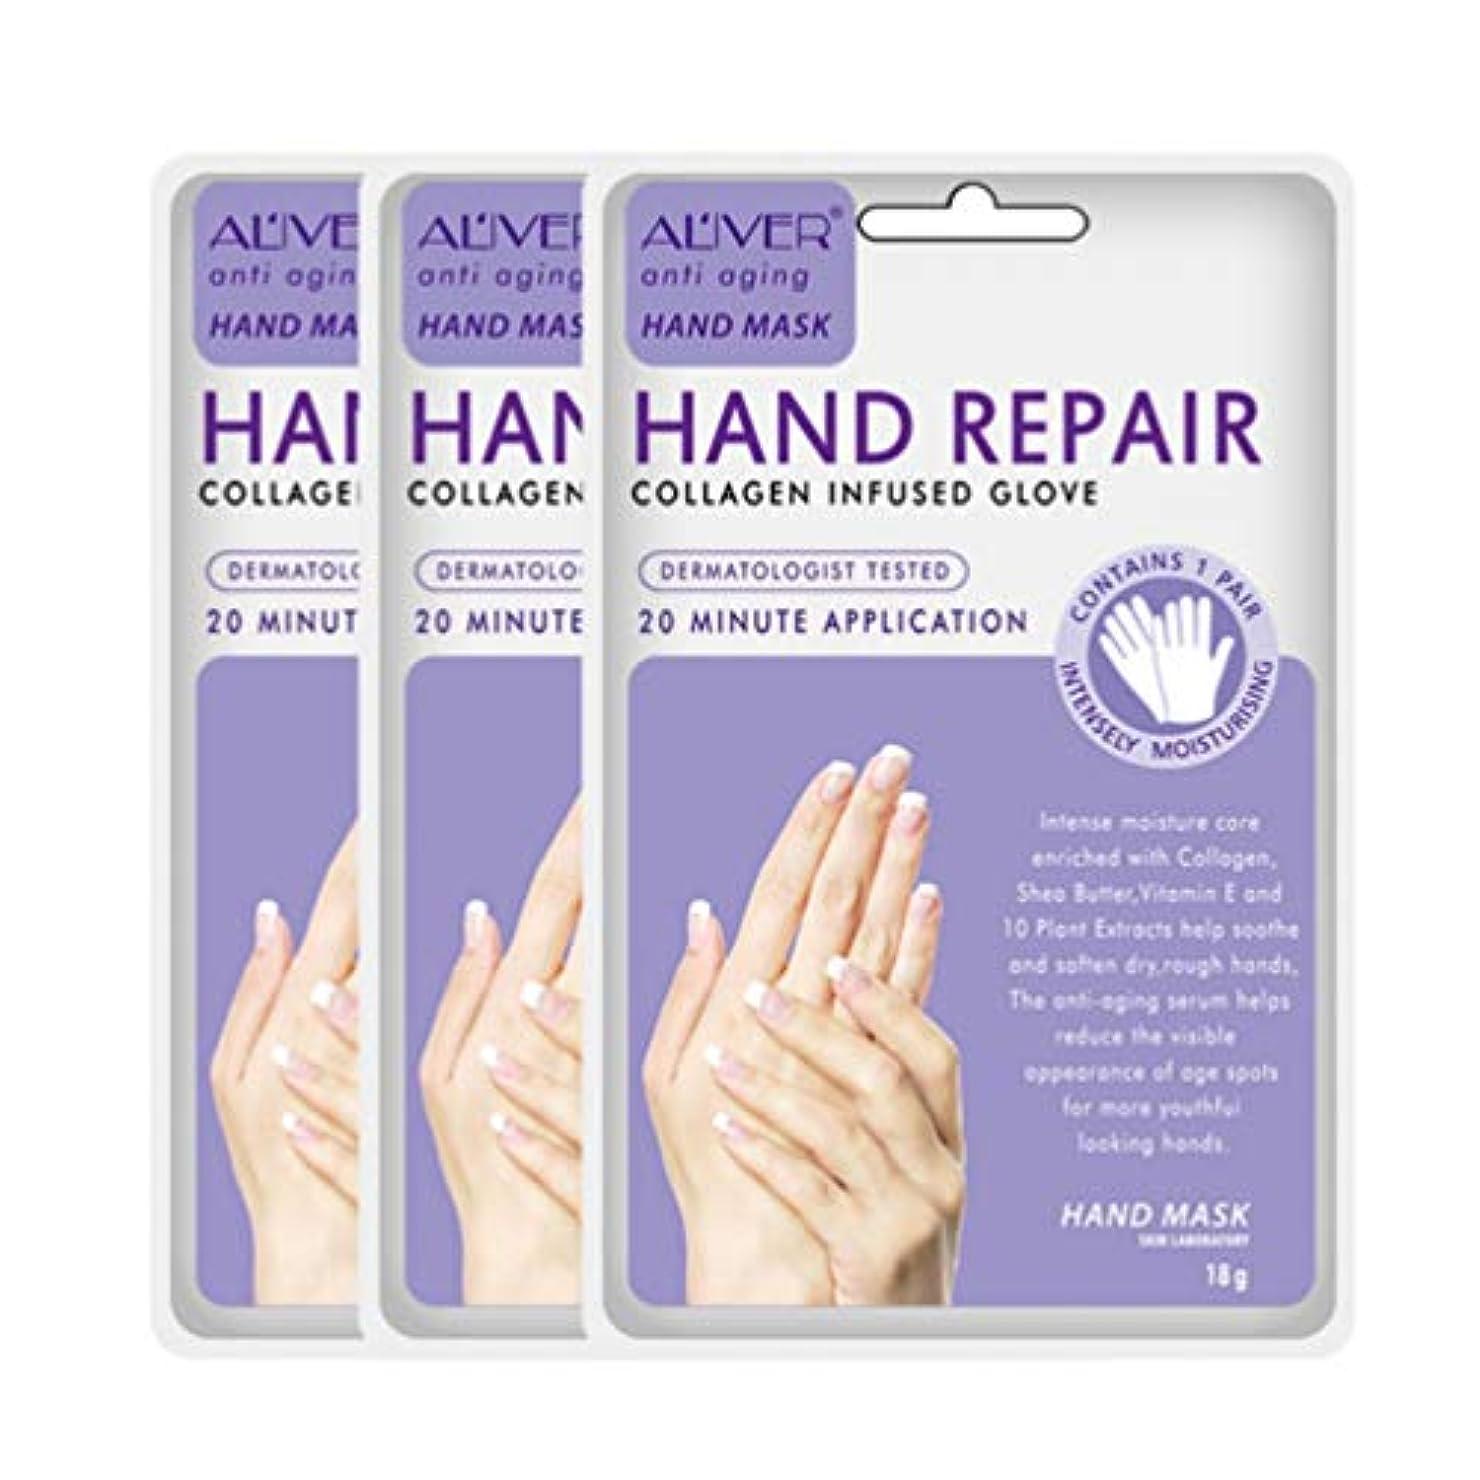 しゃがむ業界ディスカウントHEALLILY 保湿手袋スパ乾燥肌用栄養強化なだめるような美白保湿角質除去オフハンドピーリングマスク女性用3pcs